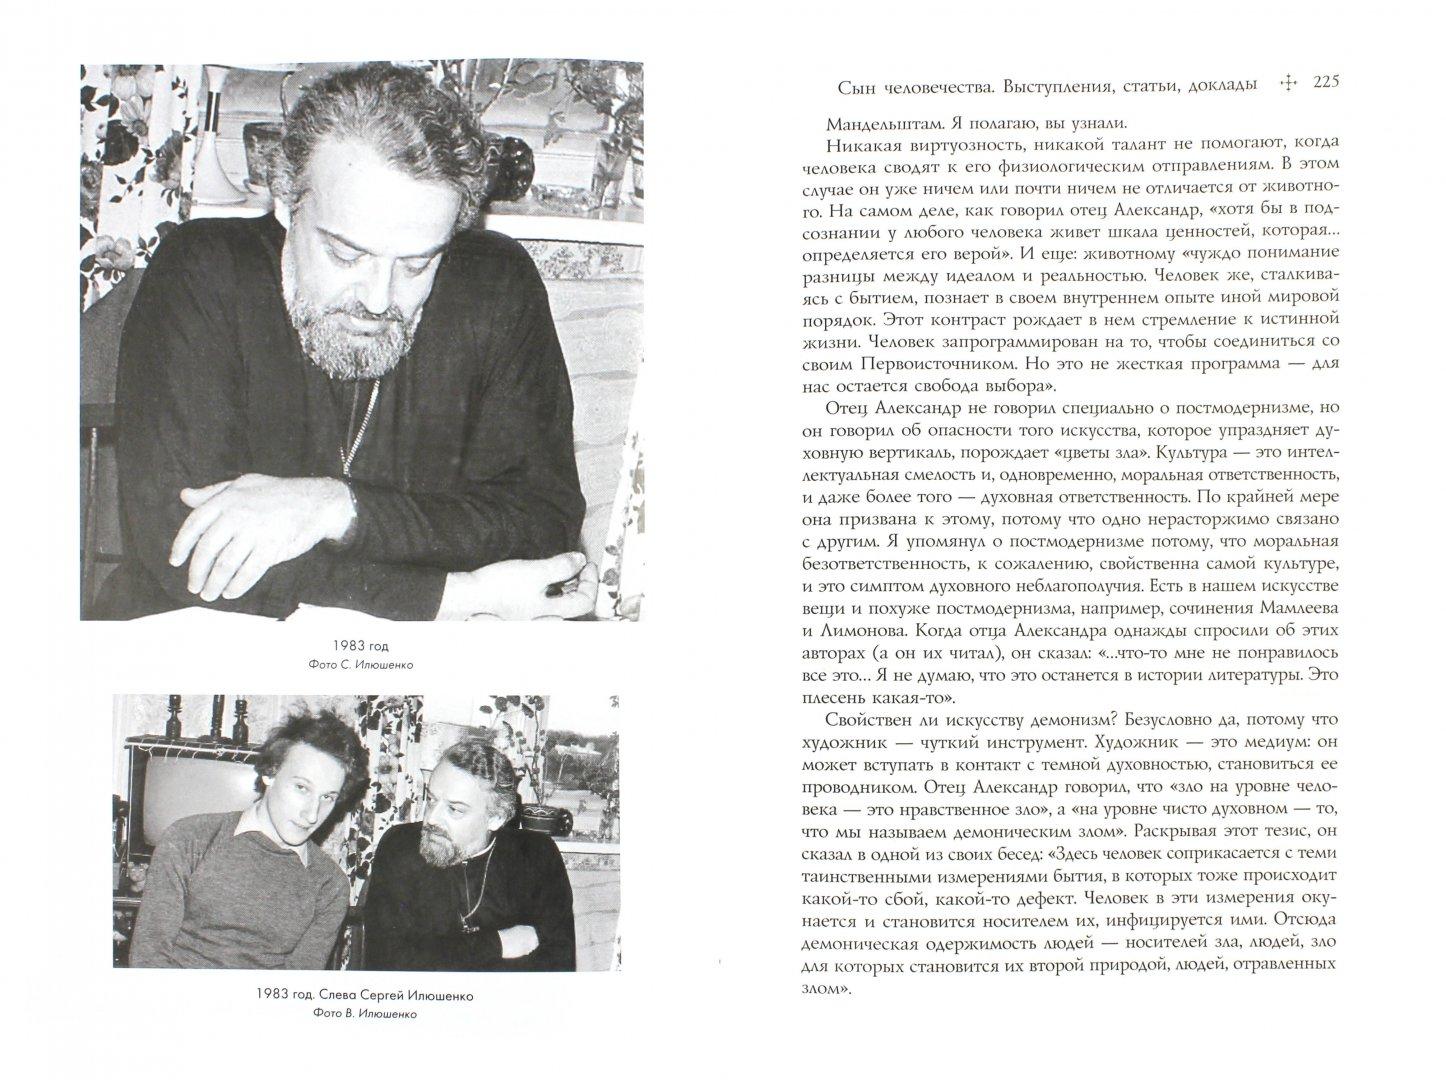 Иллюстрация 1 из 14 для Отец Александр Мень: Жизнь, смерть, бессмертие - Владимир Илюшенко | Лабиринт - книги. Источник: Лабиринт